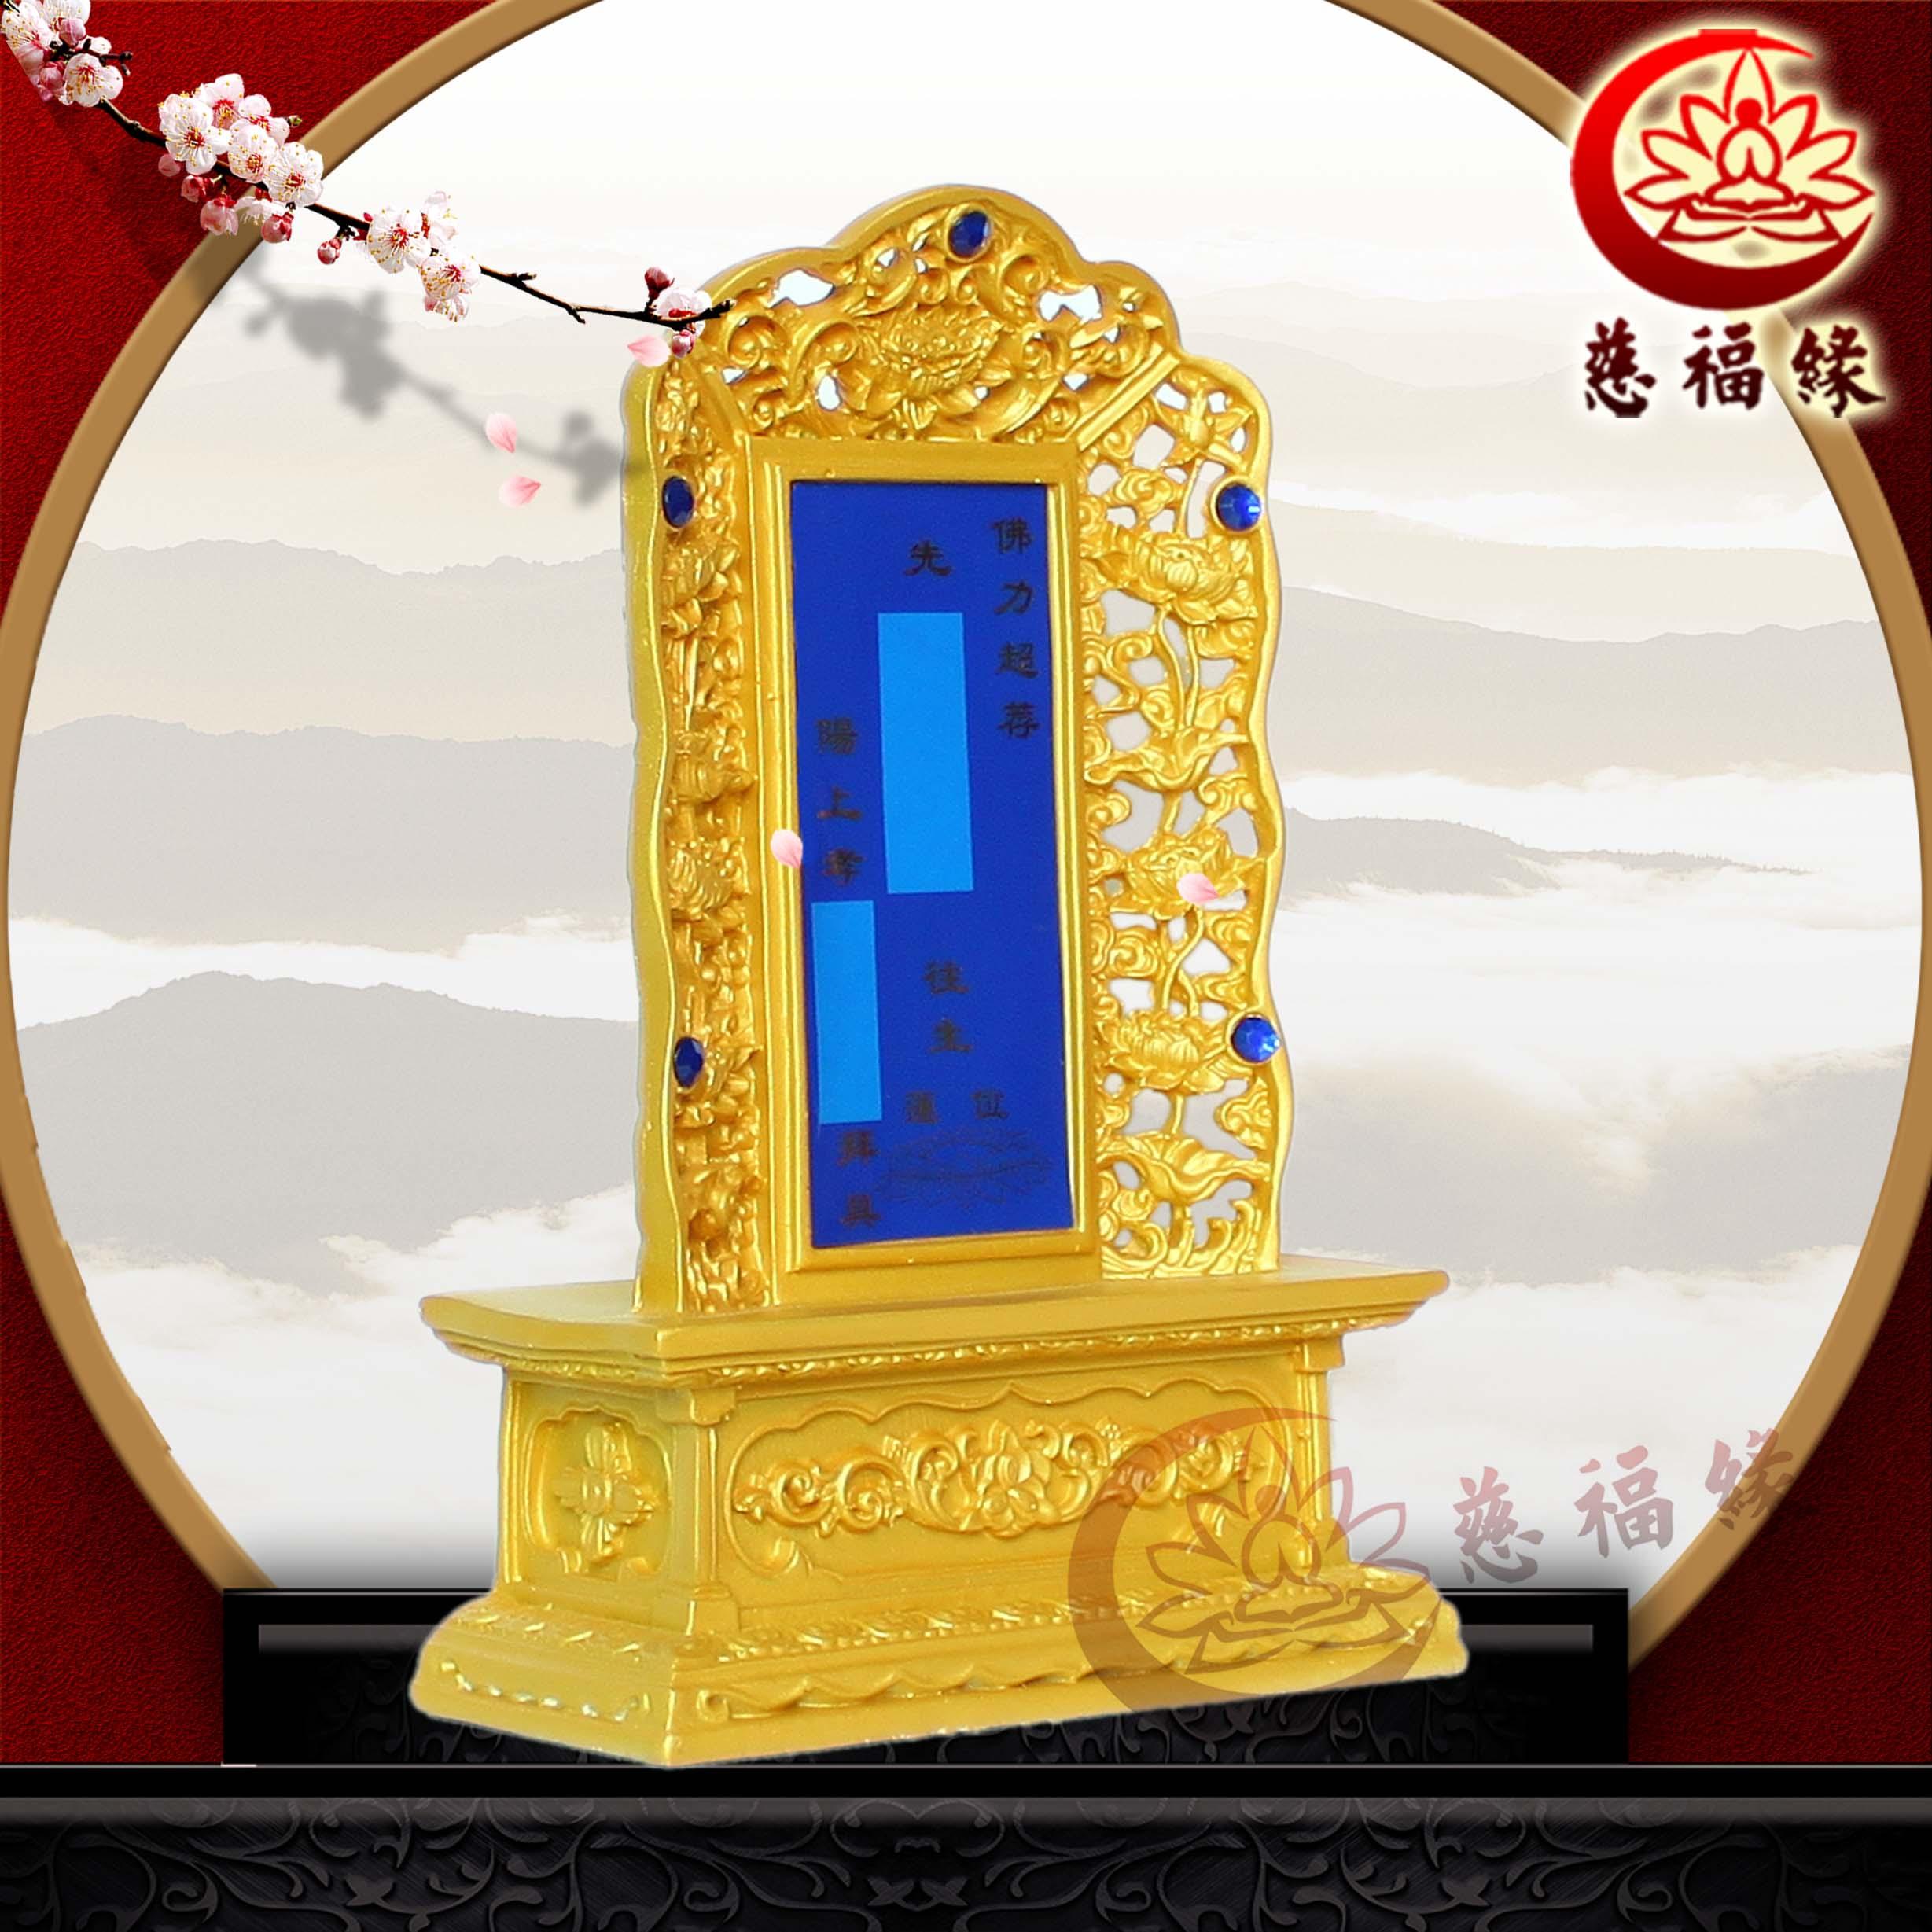 神位佛教祭祀宗教用品 祠堂祖宗牌位灵位 树脂牌位 新款特价促销